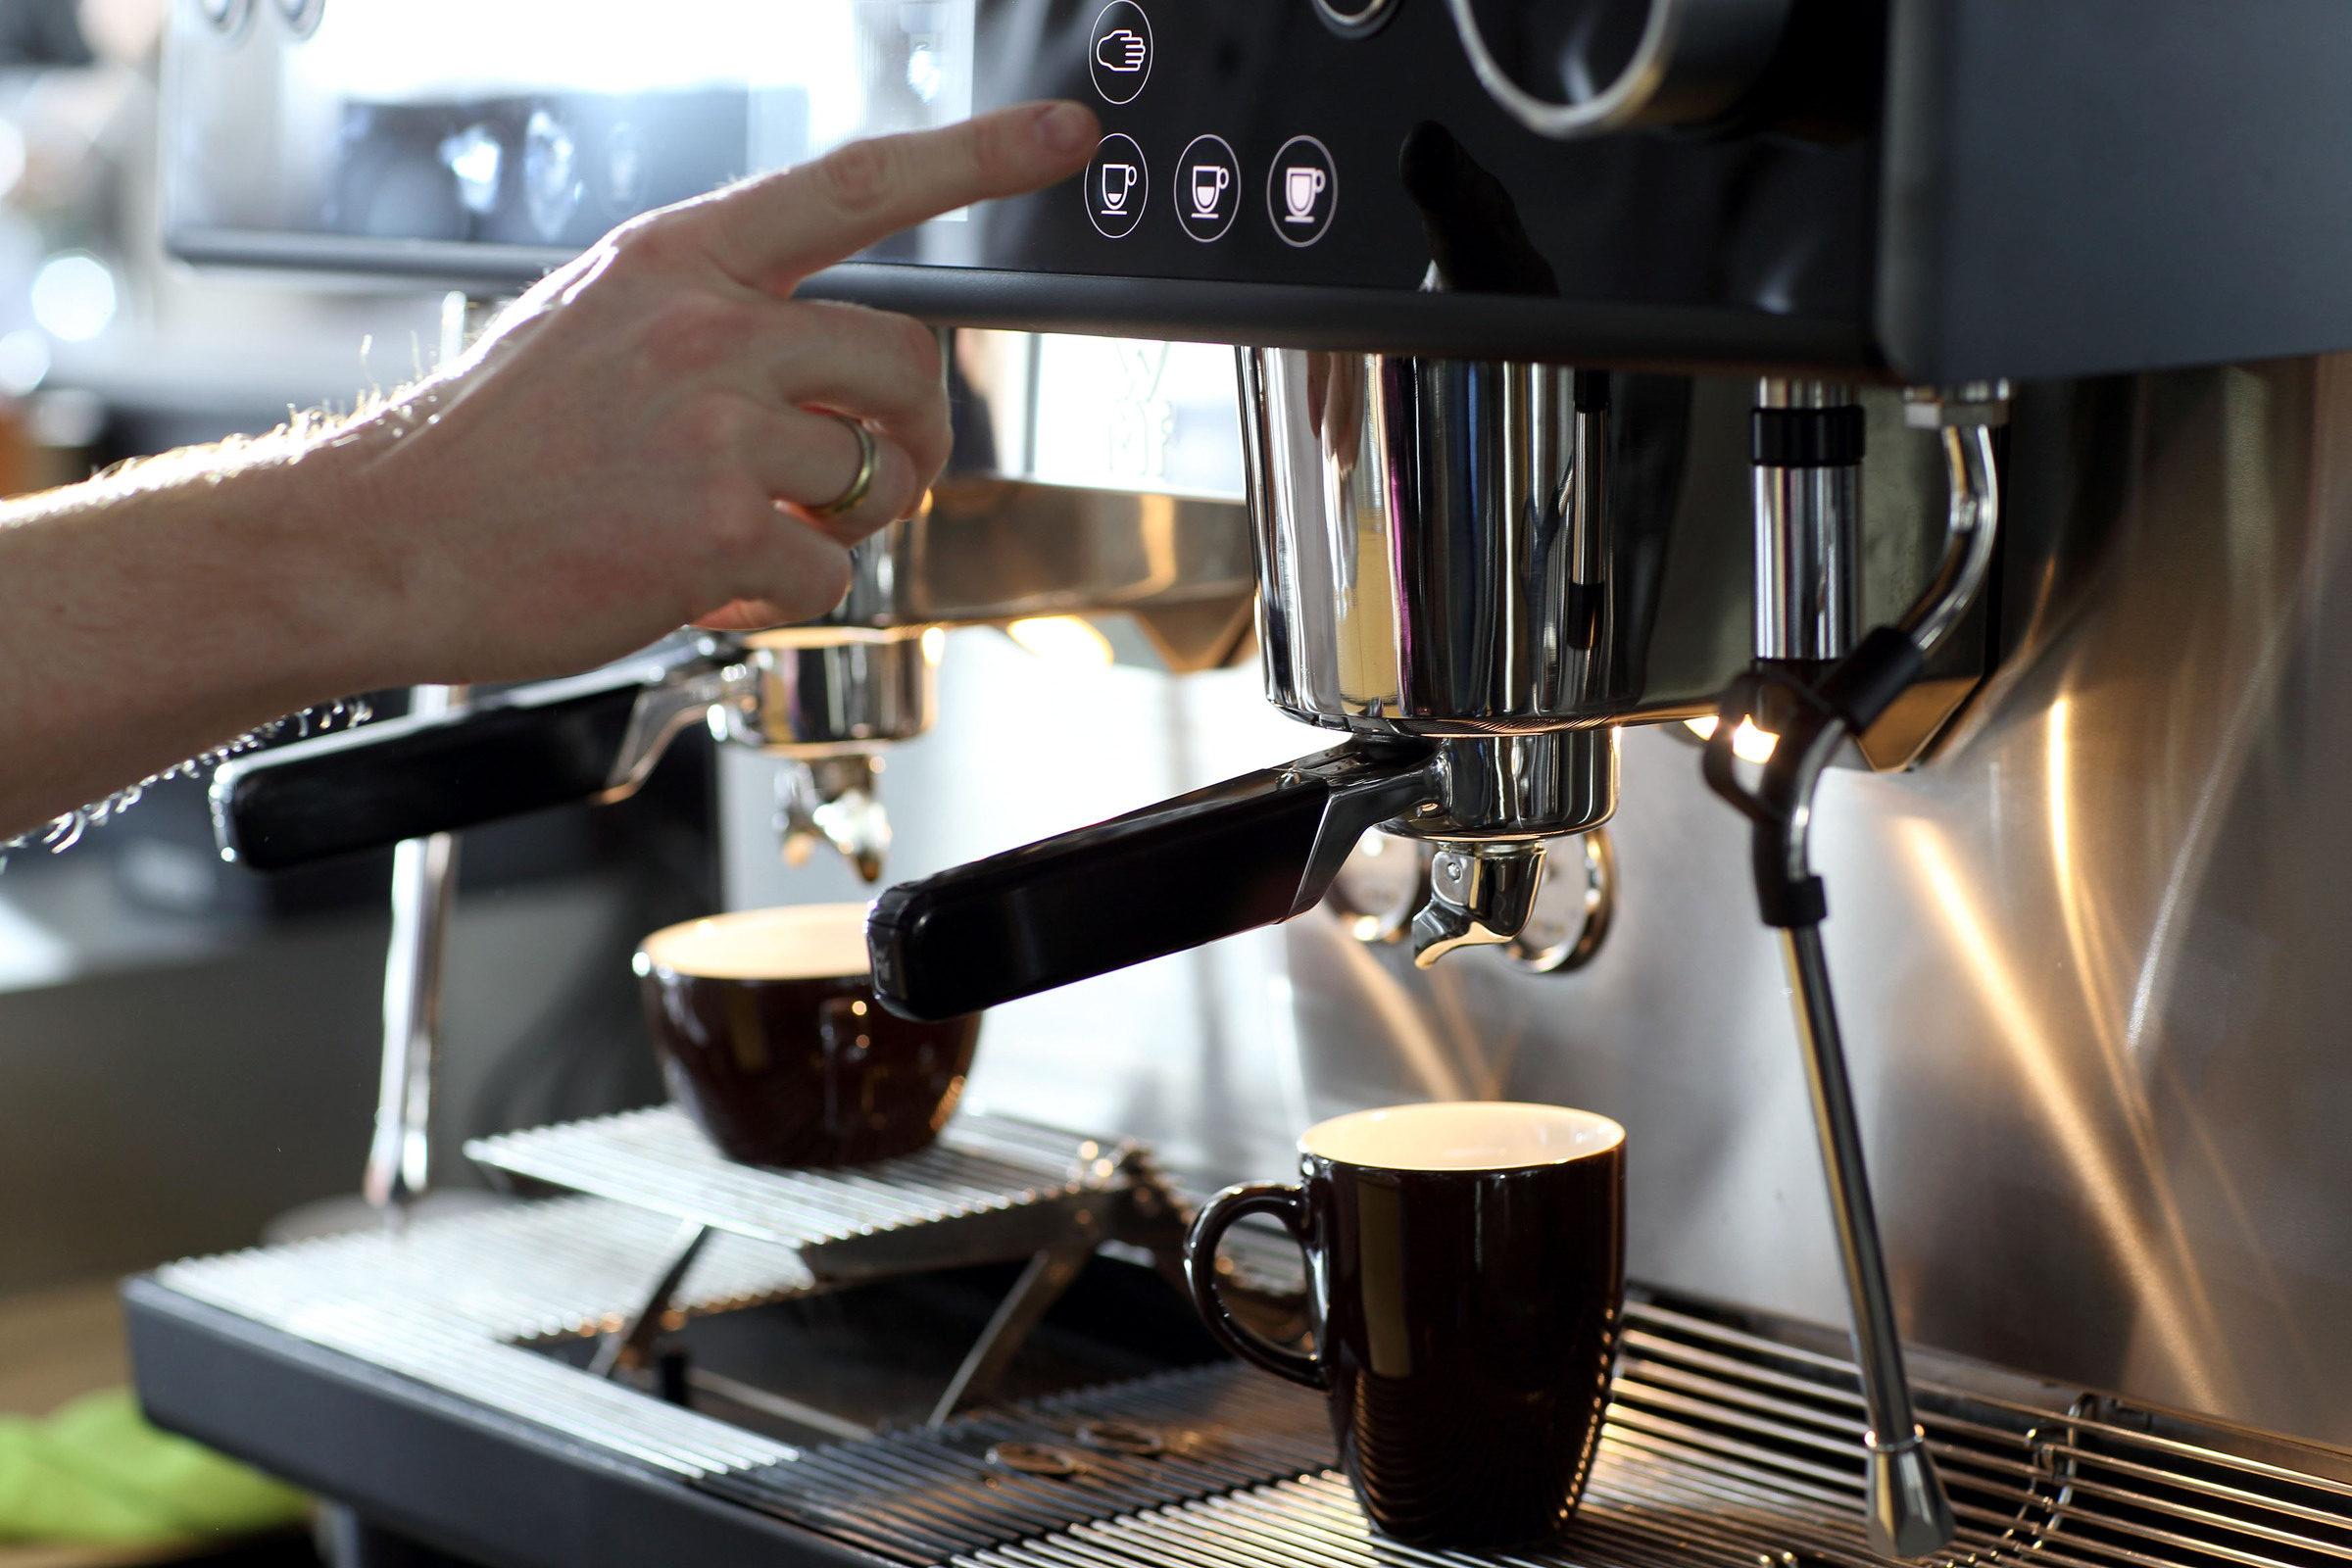 2015 Wmf Espresso Presse 01